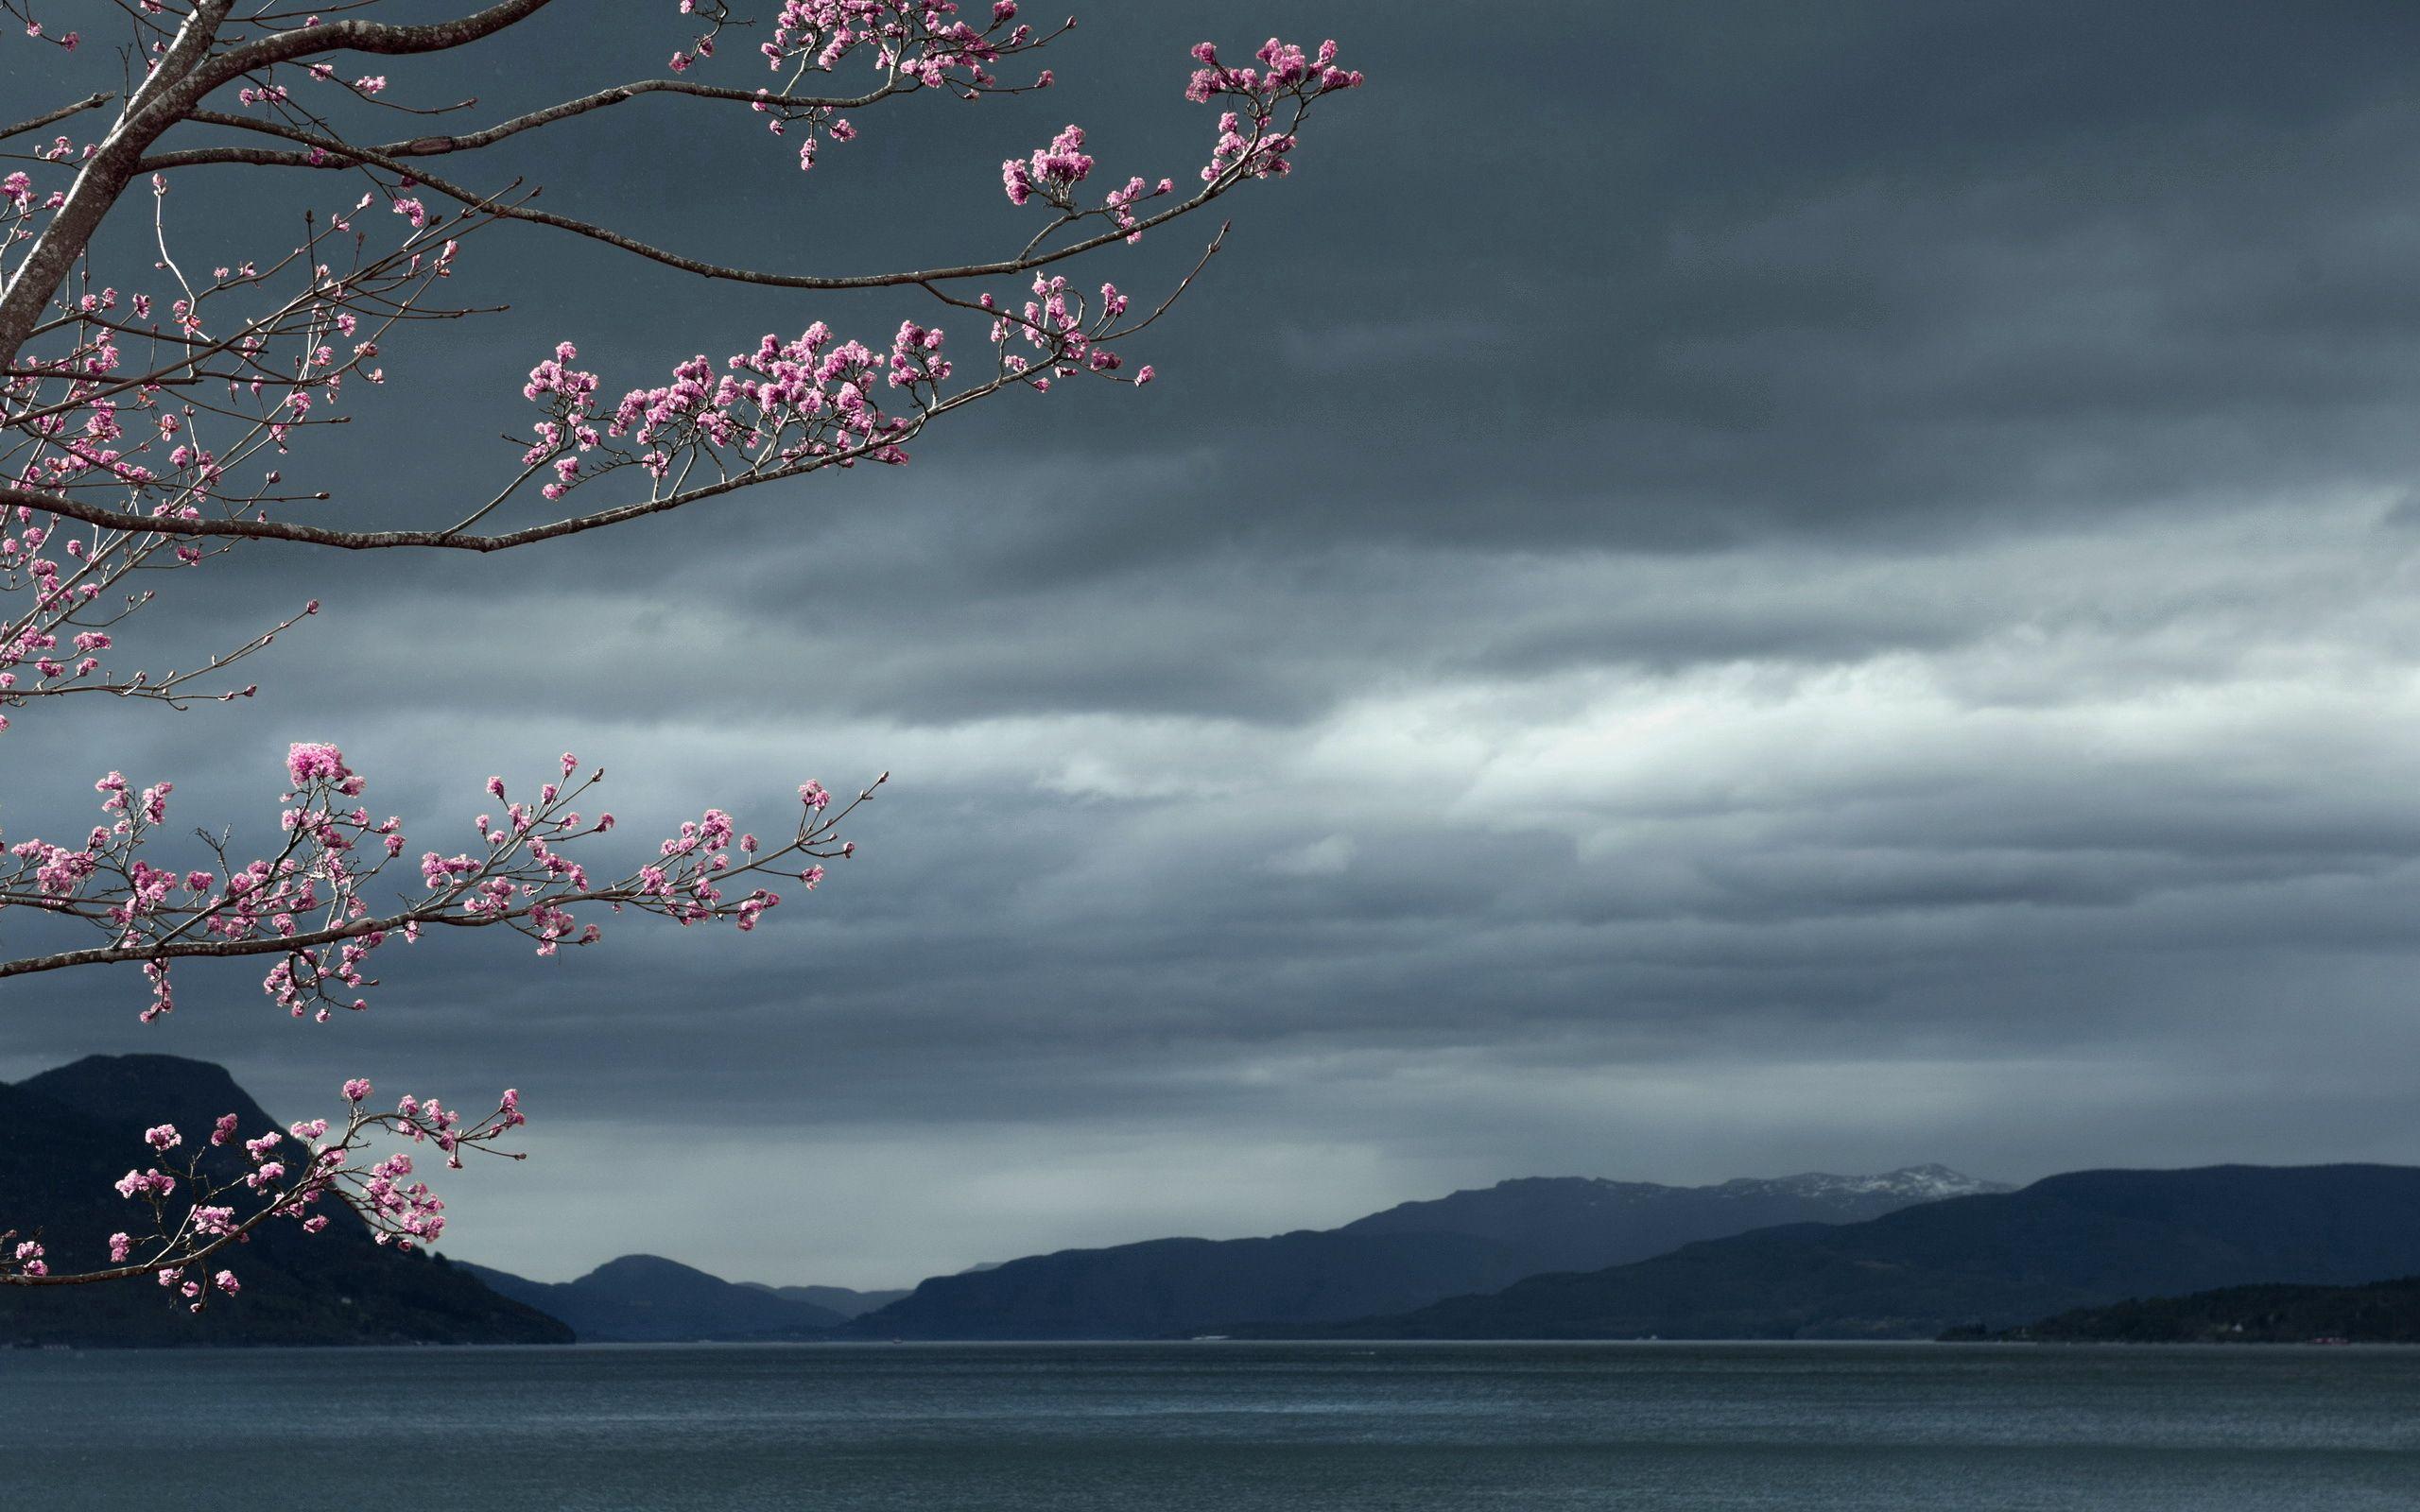 154538壁紙のダウンロード自然, 海, スカイ, 木材, 木, 風景-スクリーンセーバーと写真を無料で